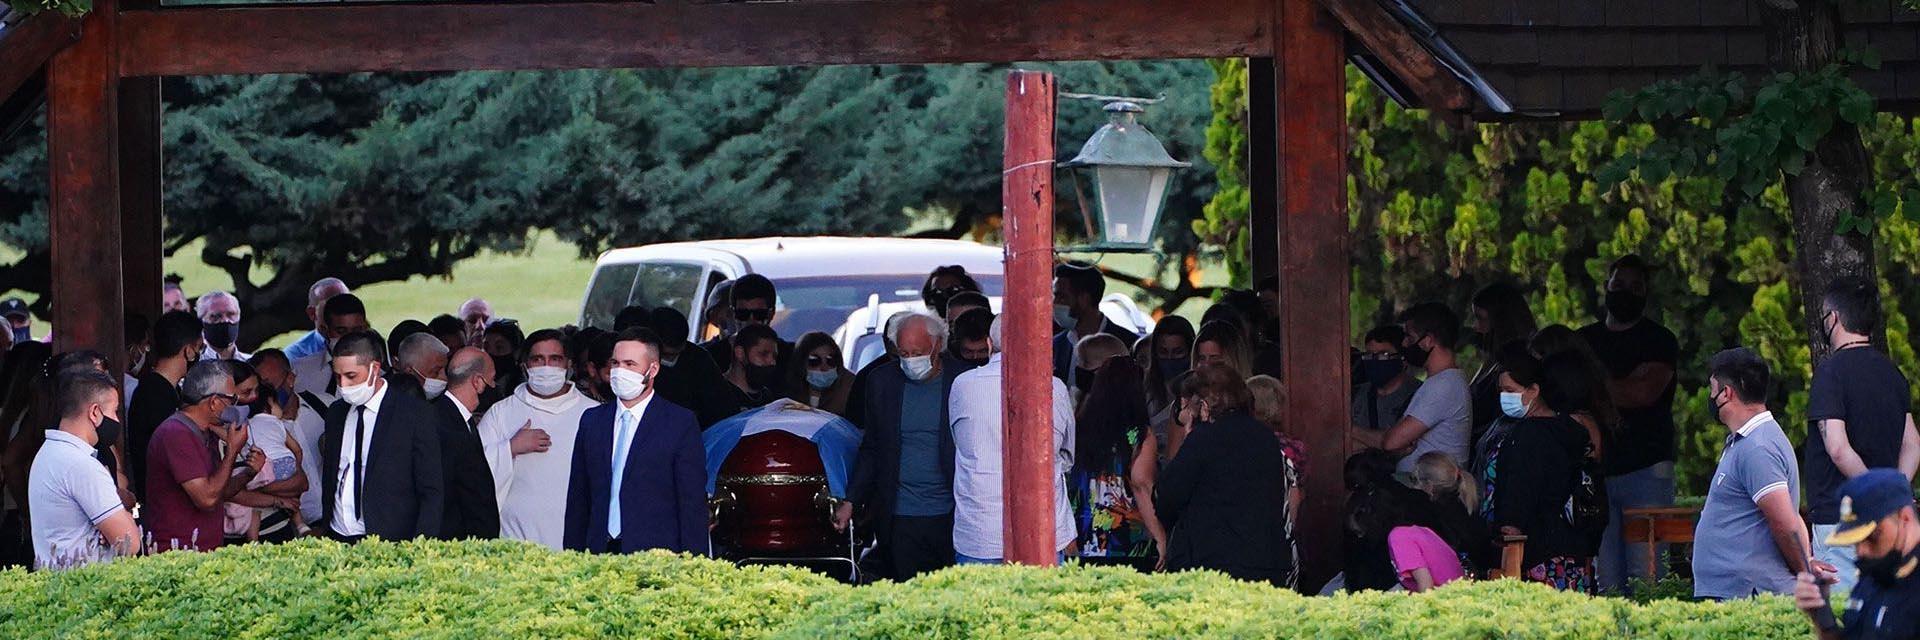 El entierro de Maradona en el cementerio Jardín Bella Vista (Franco Fafasuli)